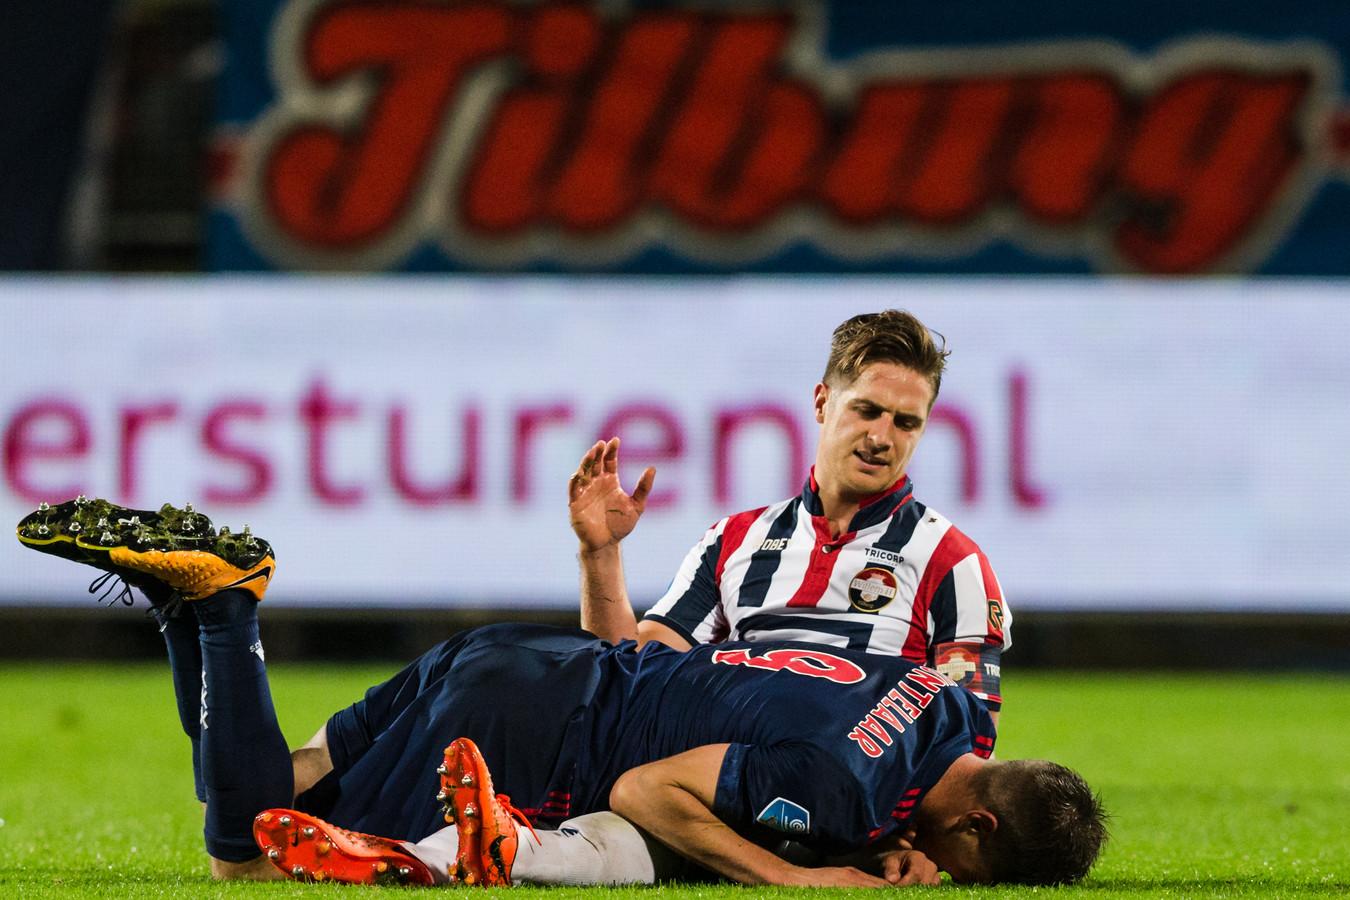 Jordens Peters met Klaas Jan Huntelaar van Ajax. De verdediger werkt naar zijn rentree op de velden toe. Dat zou volgende week maandag moeten gebeuren.